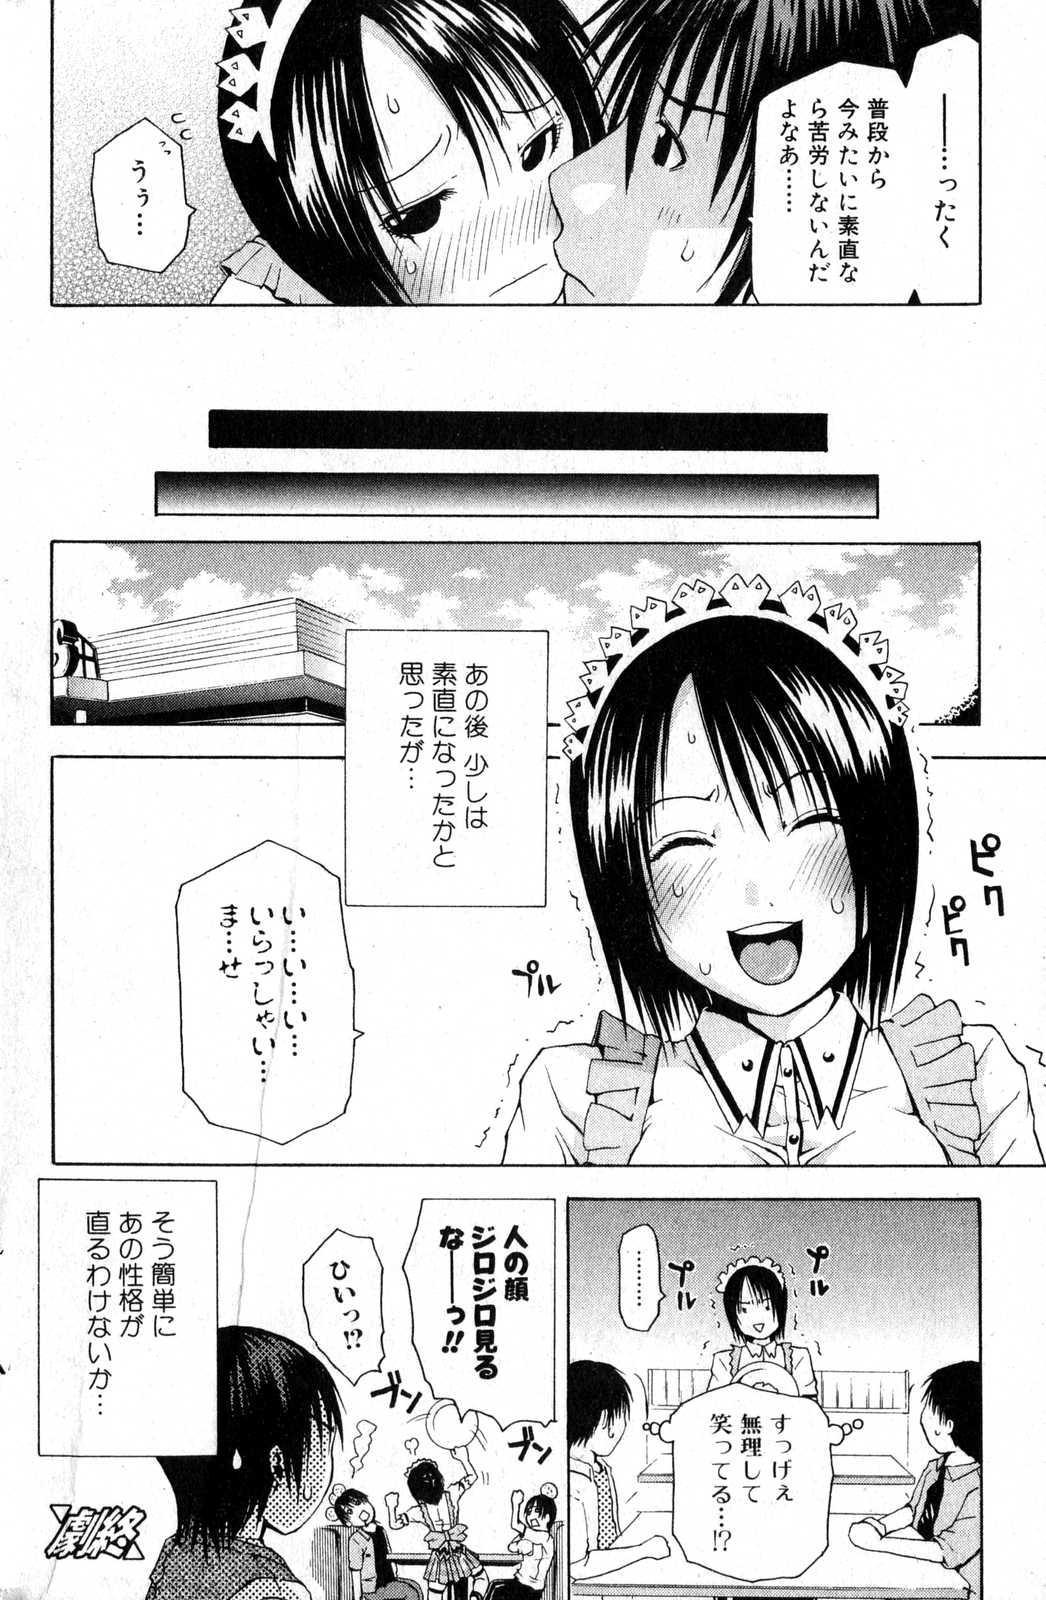 Bishoujo Teki Kaikatsu Ryoku 2007 Vol.15 81